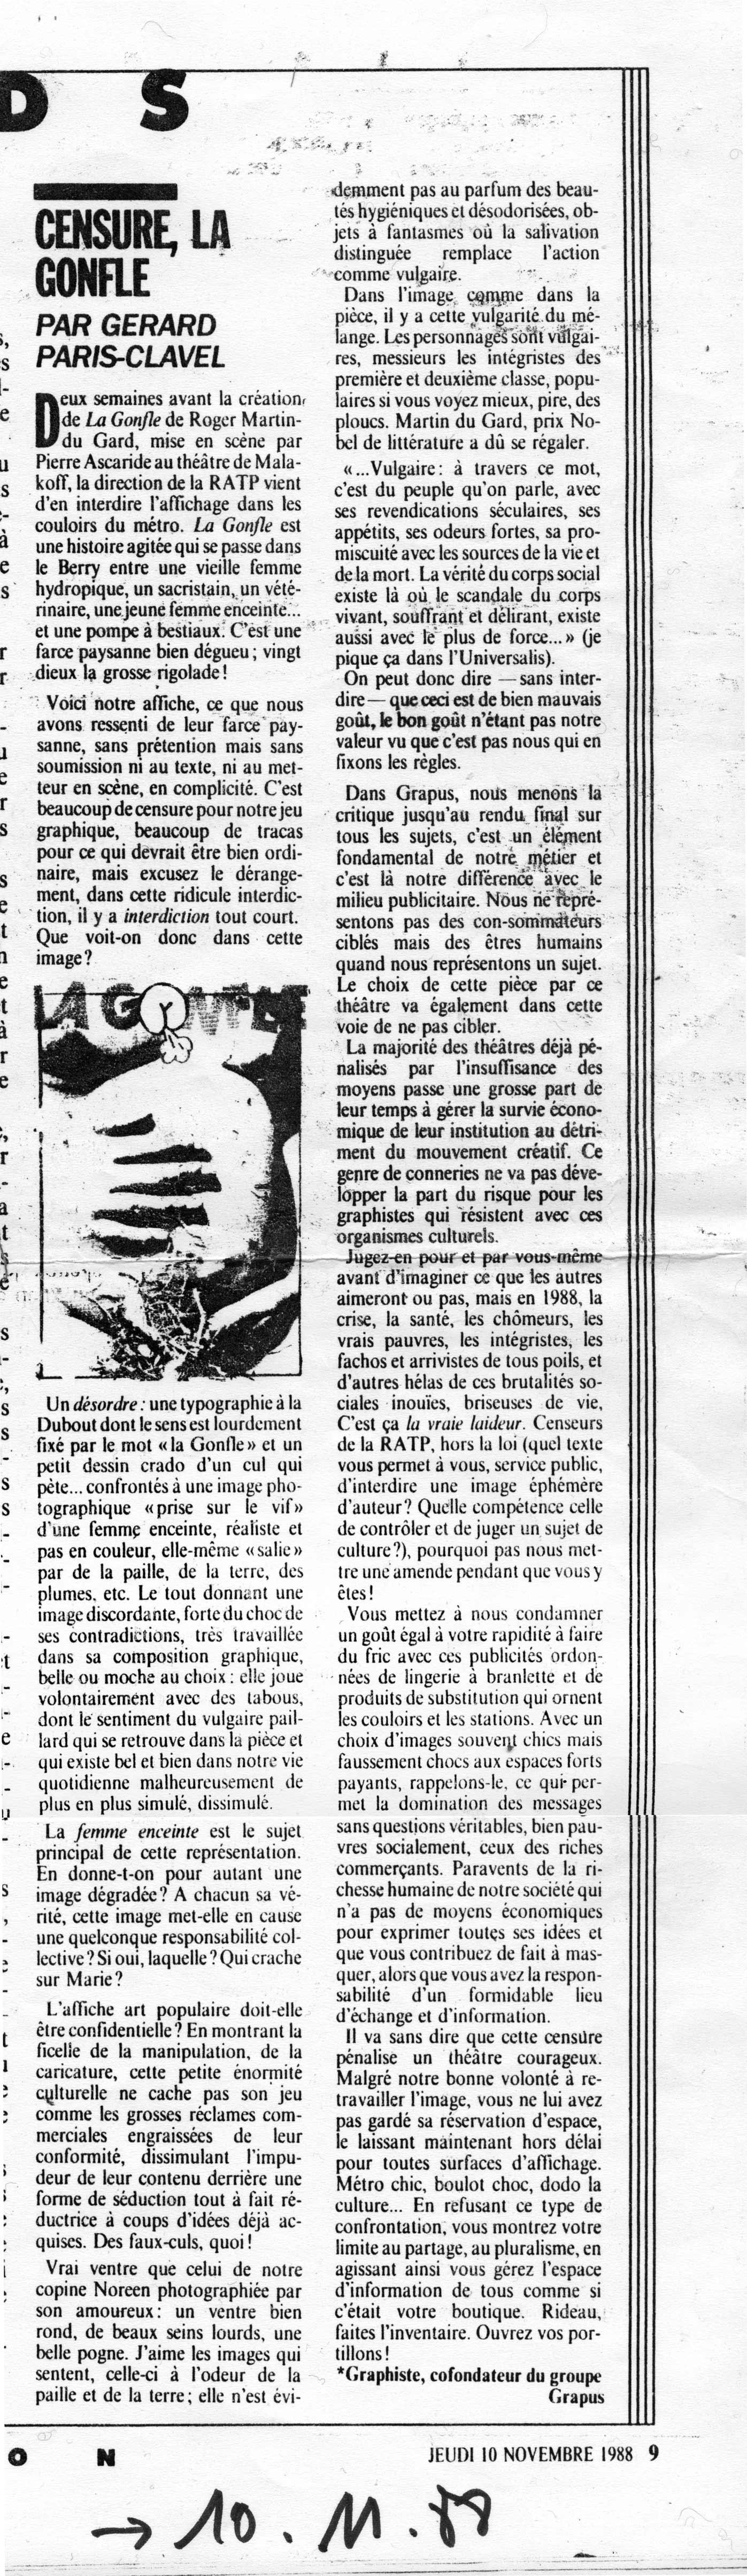 article-pour-blog-allege-150216